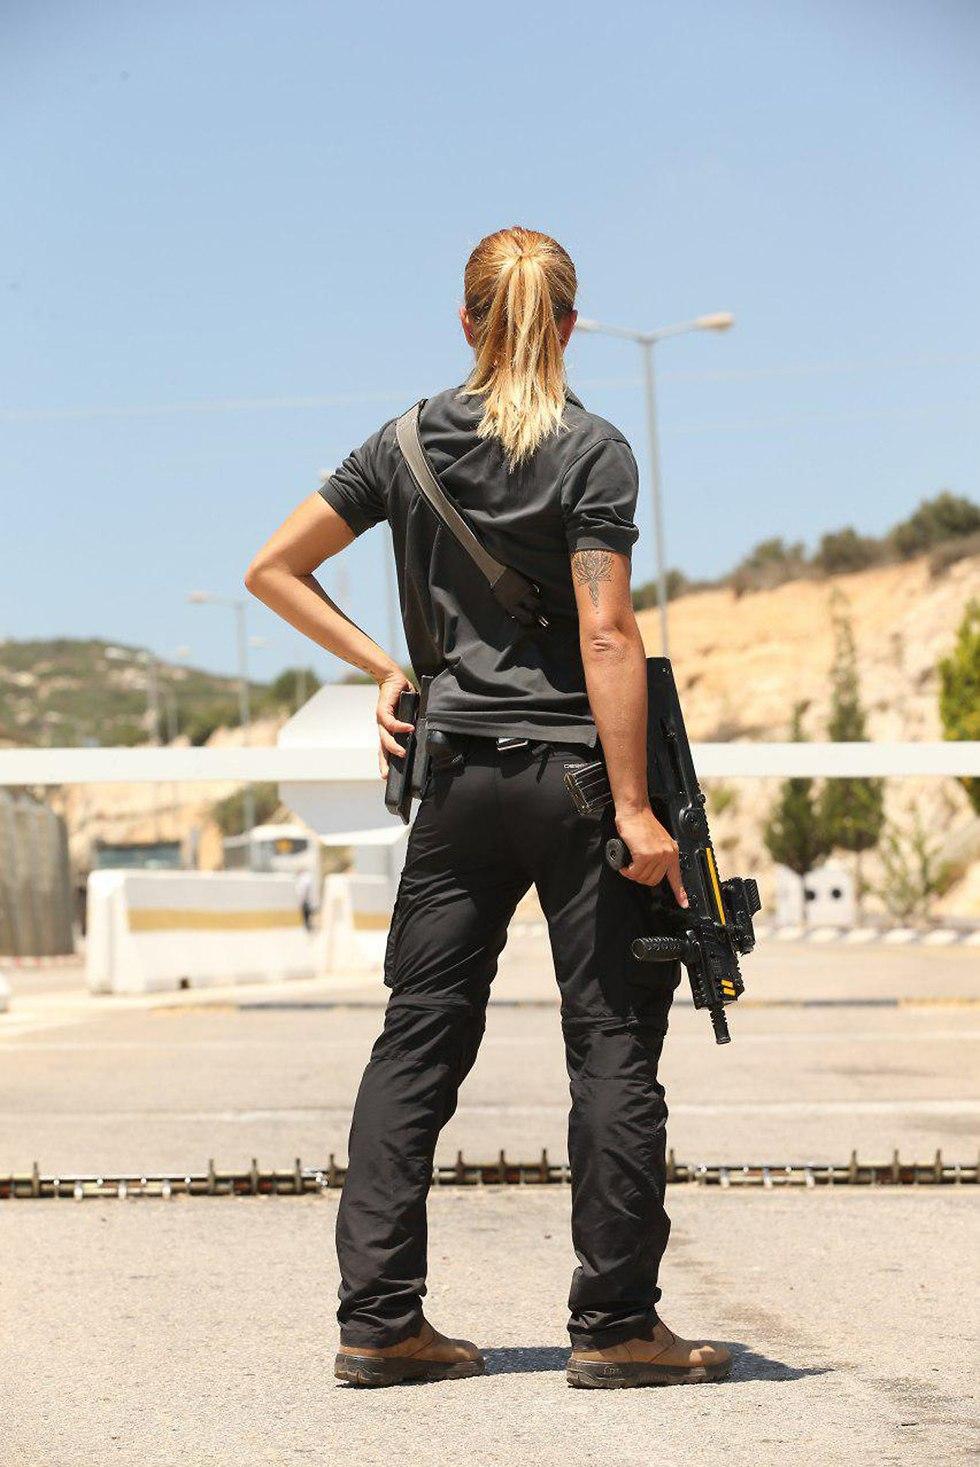 Israeli Female Security Officer